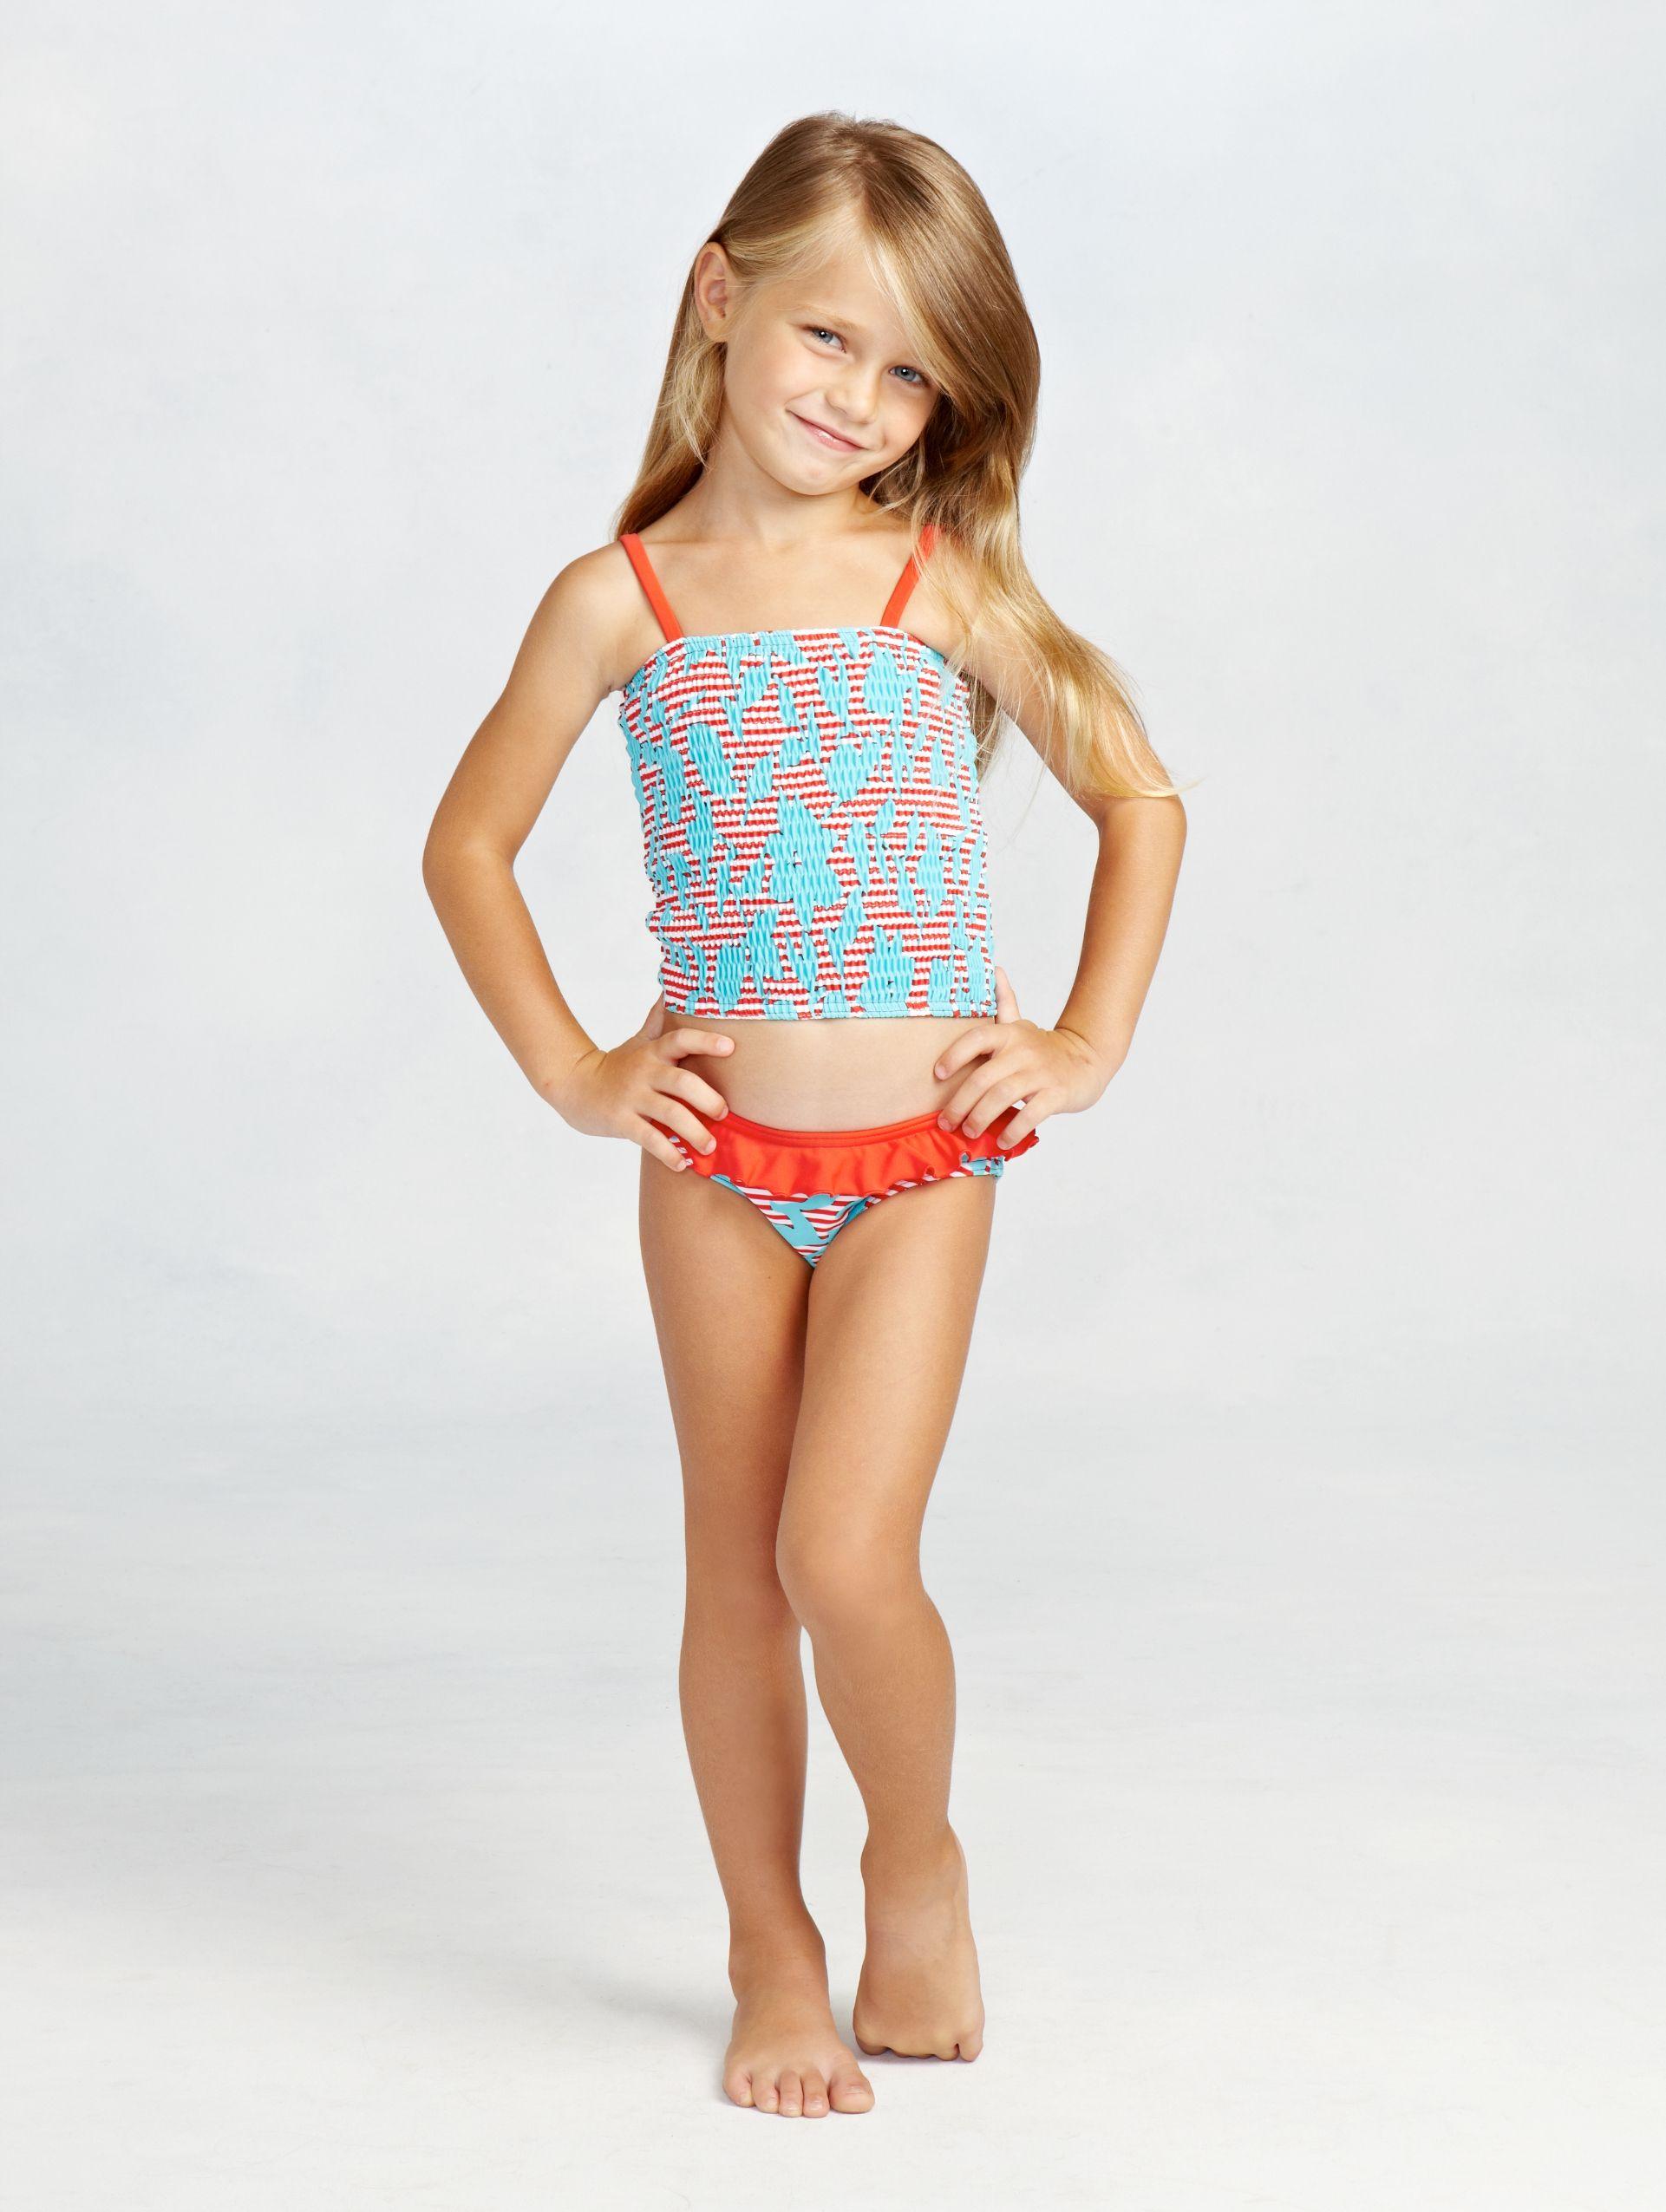 55b185aa8dc4 swim. shop SS15 childrenswear here  www.oscardelarenta.com childrenswear